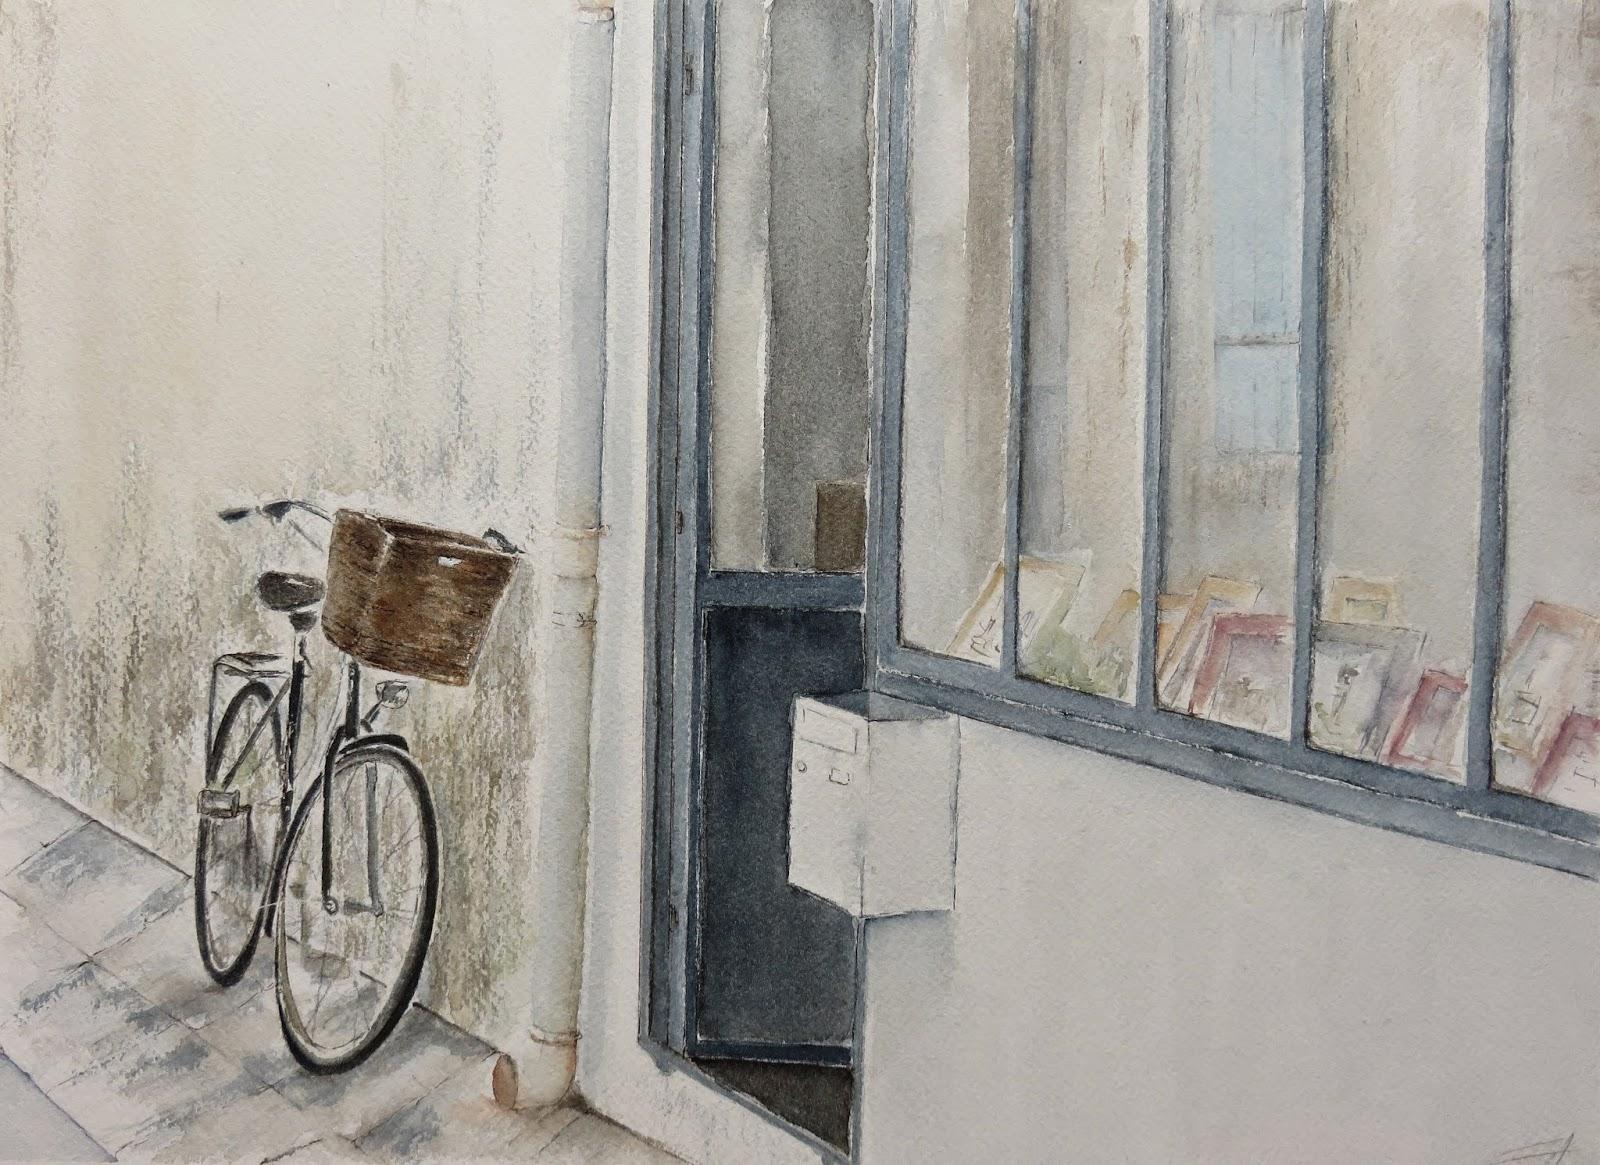 La vitrine et le vélo